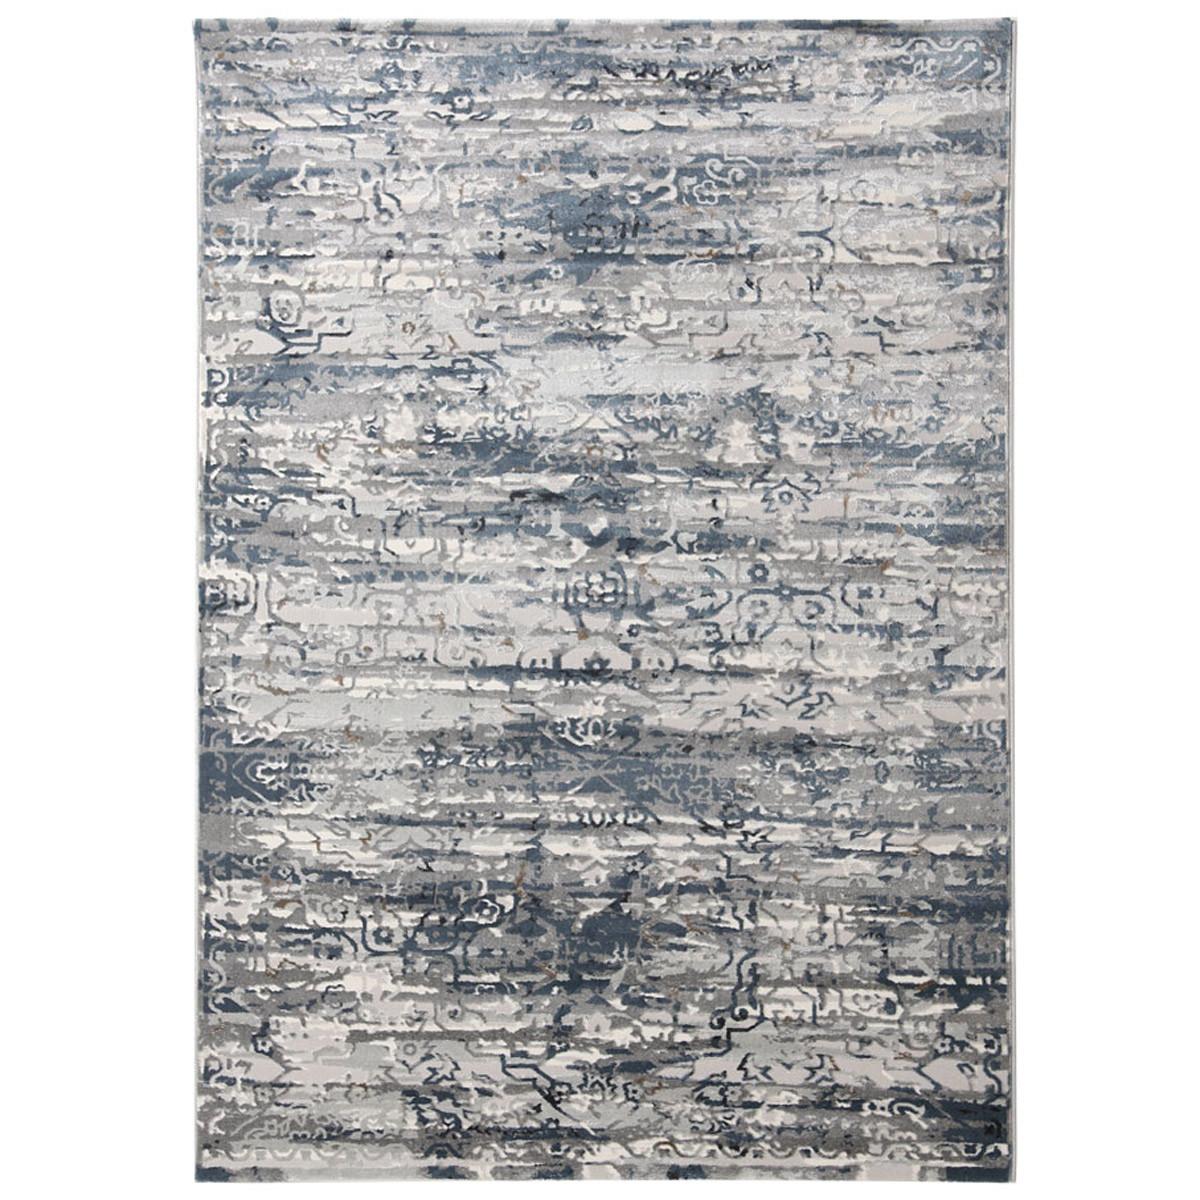 Χαλιά Κρεβατοκάμαρας (Σετ 3τμχ) Royal Carpets Elegance 5420 Grey home   χαλιά   χαλιά κρεβατοκάμαρας